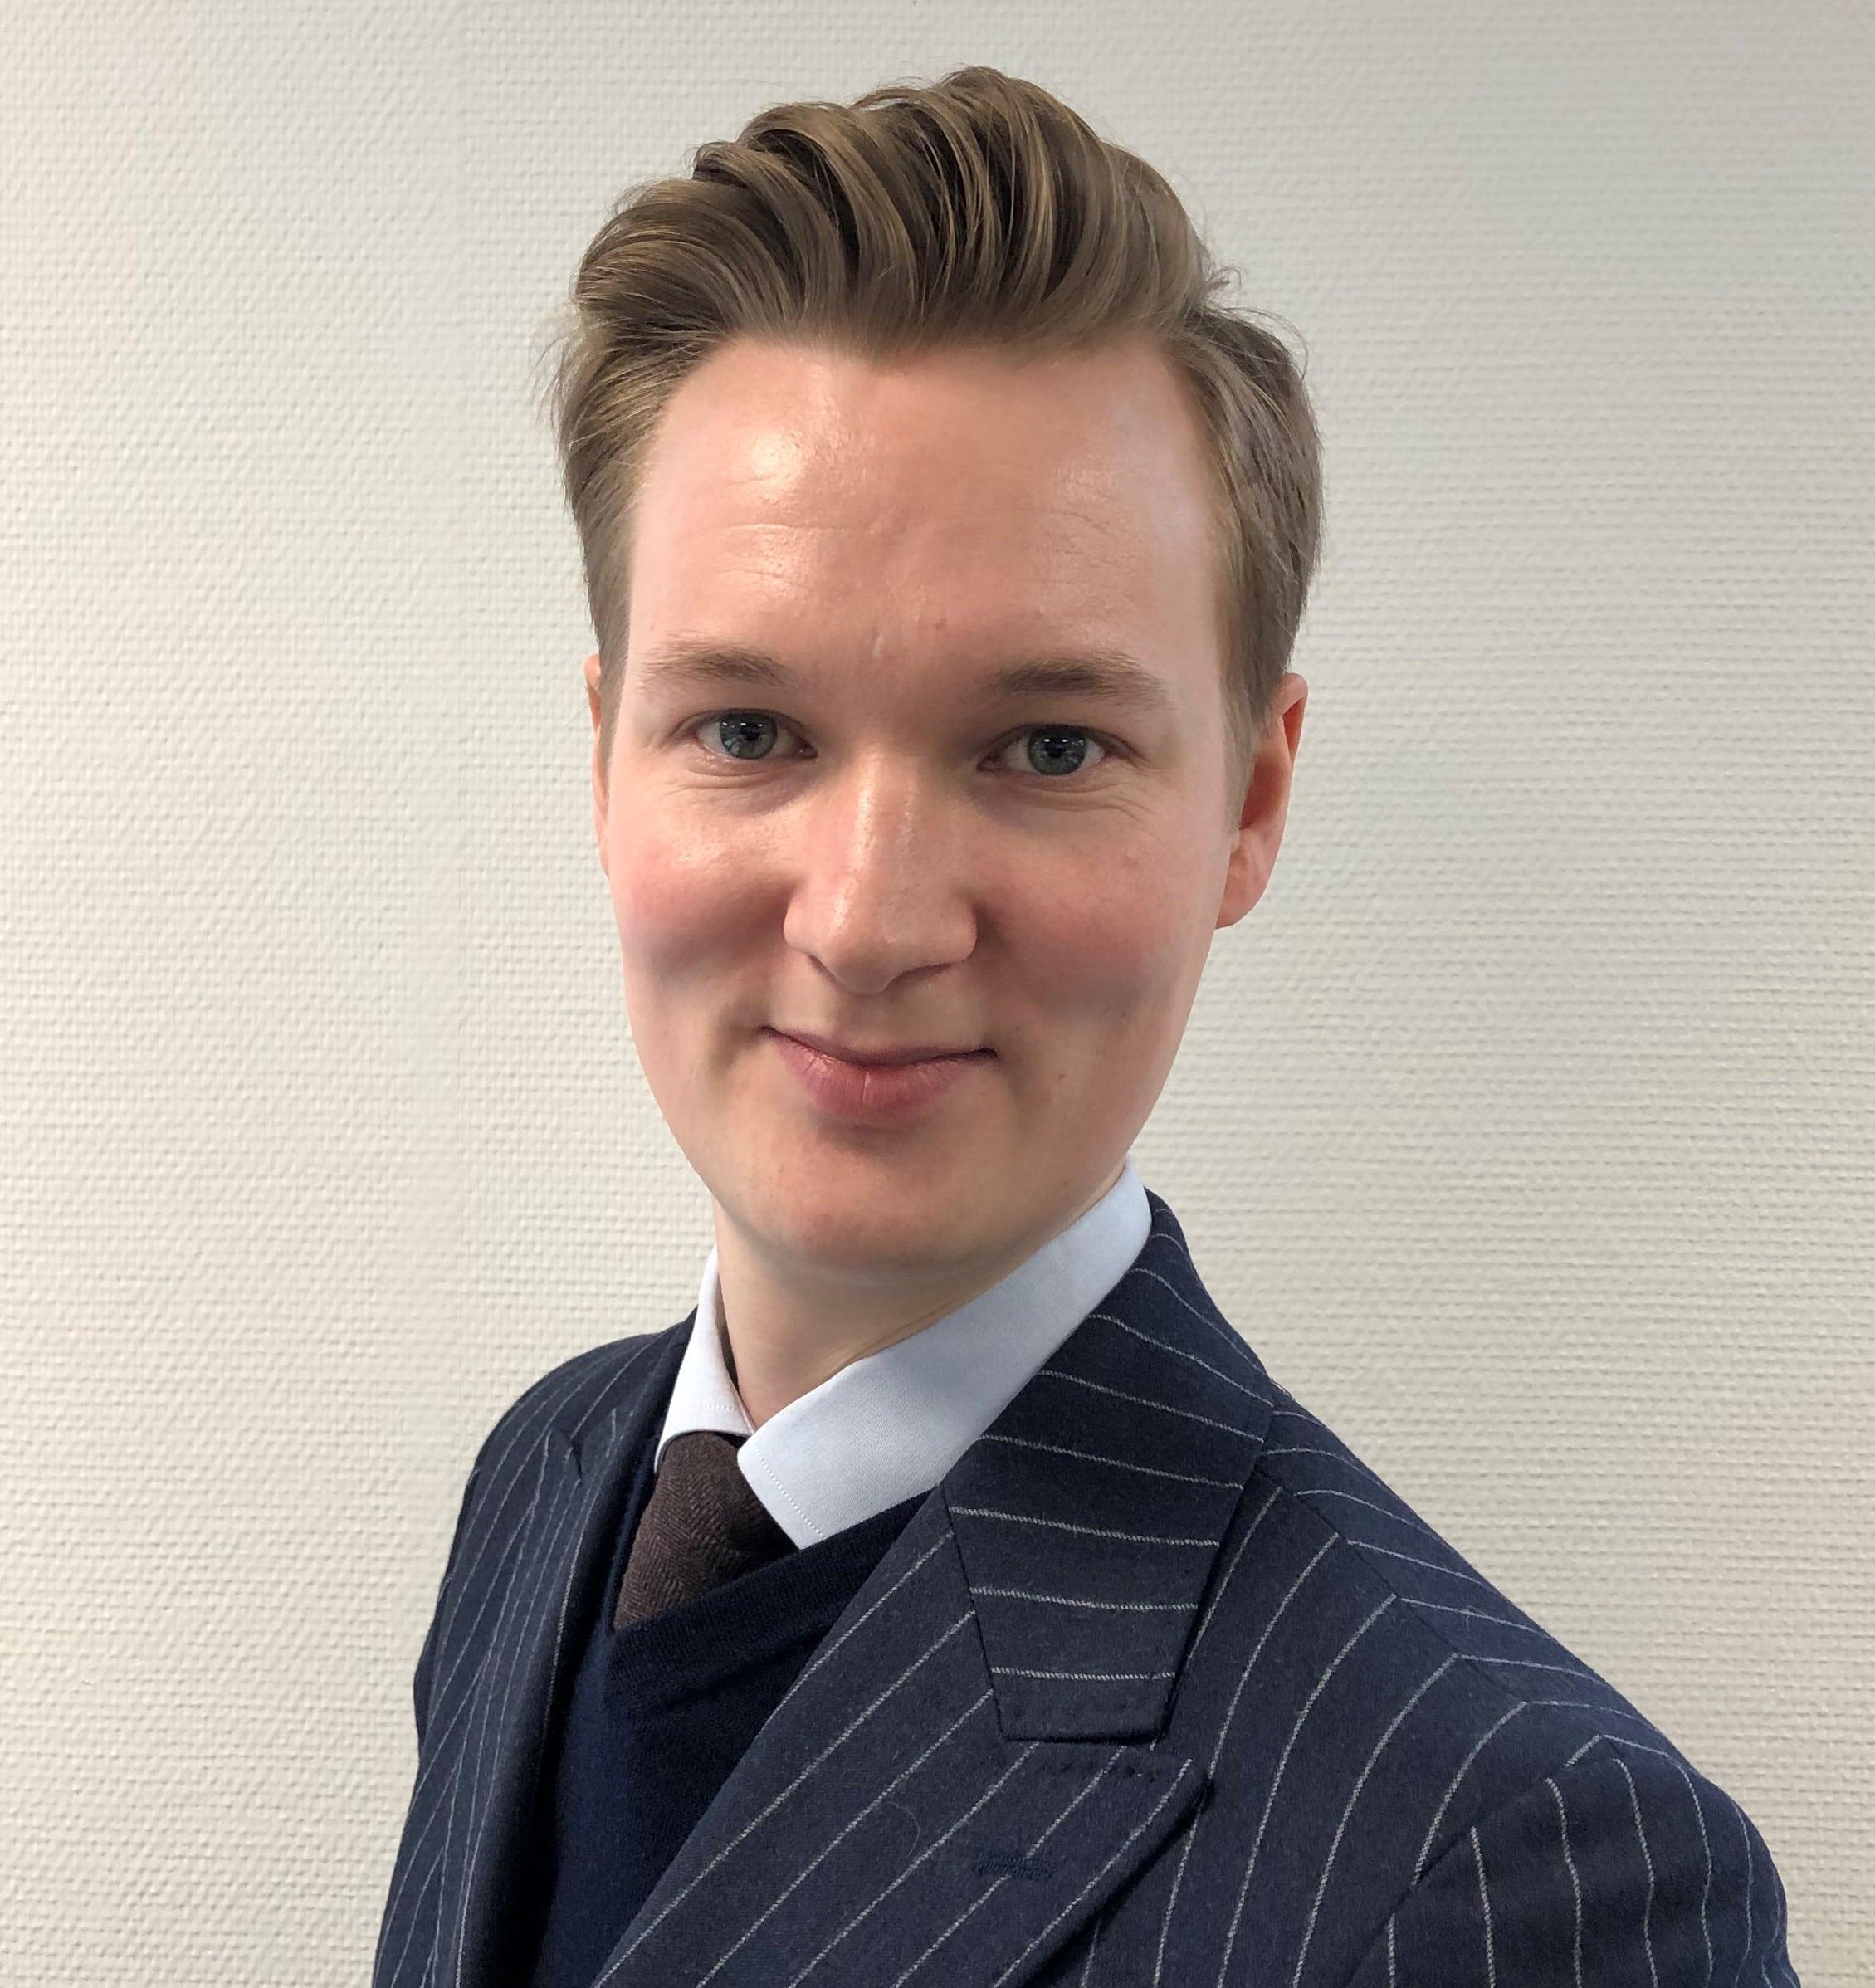 Mathias Borse